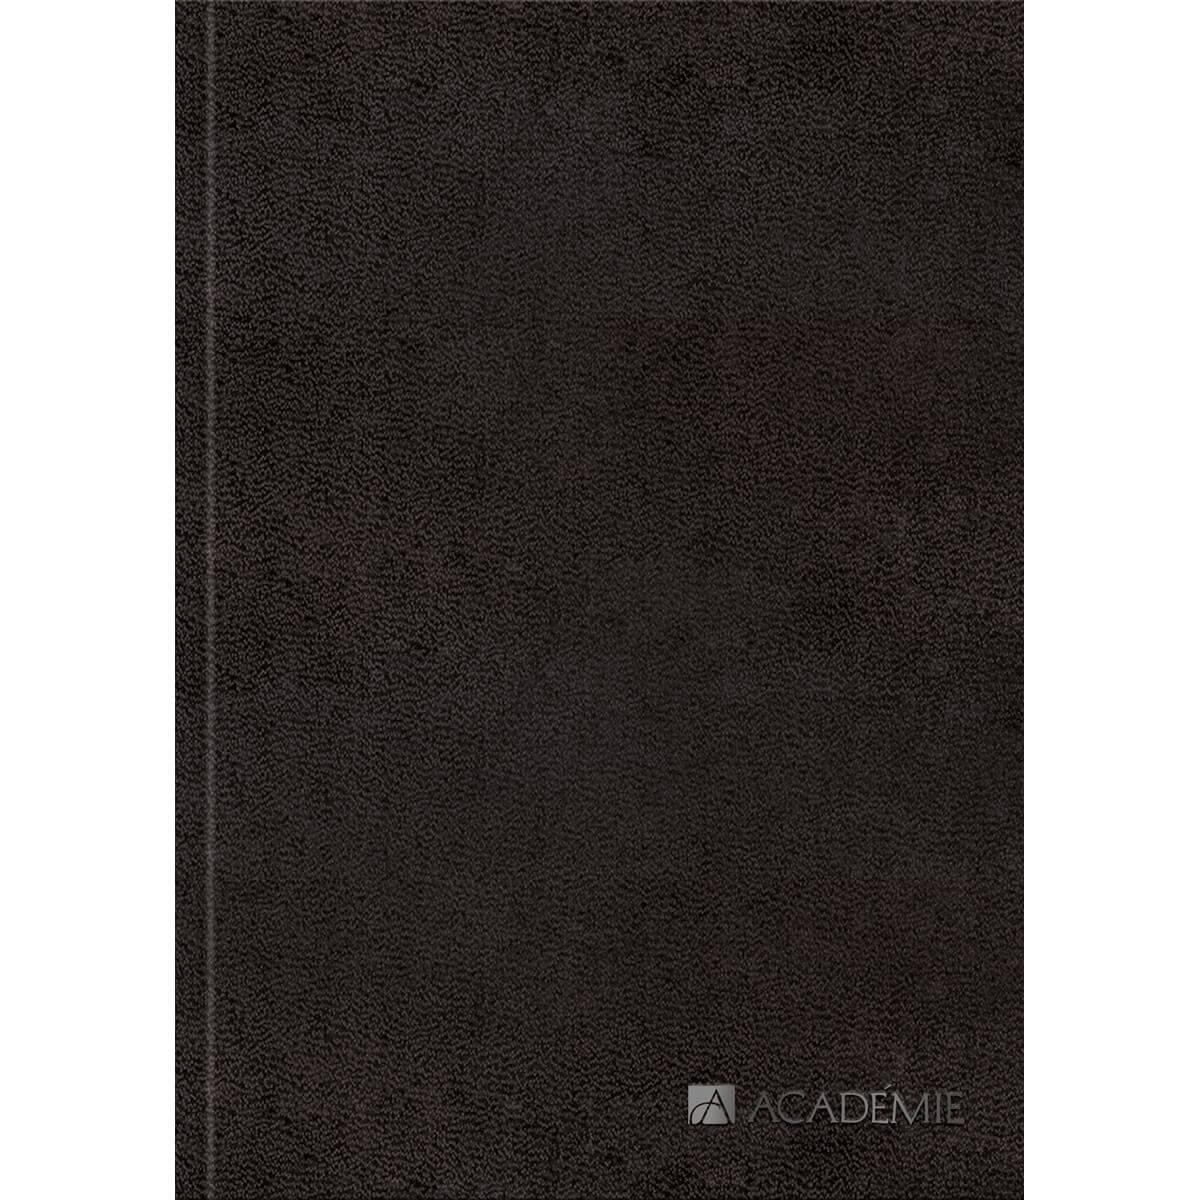 Caderno Sketchbook Costurado Capa Dura Académie Sense 90g 80 Folhas Tam.143 x 203